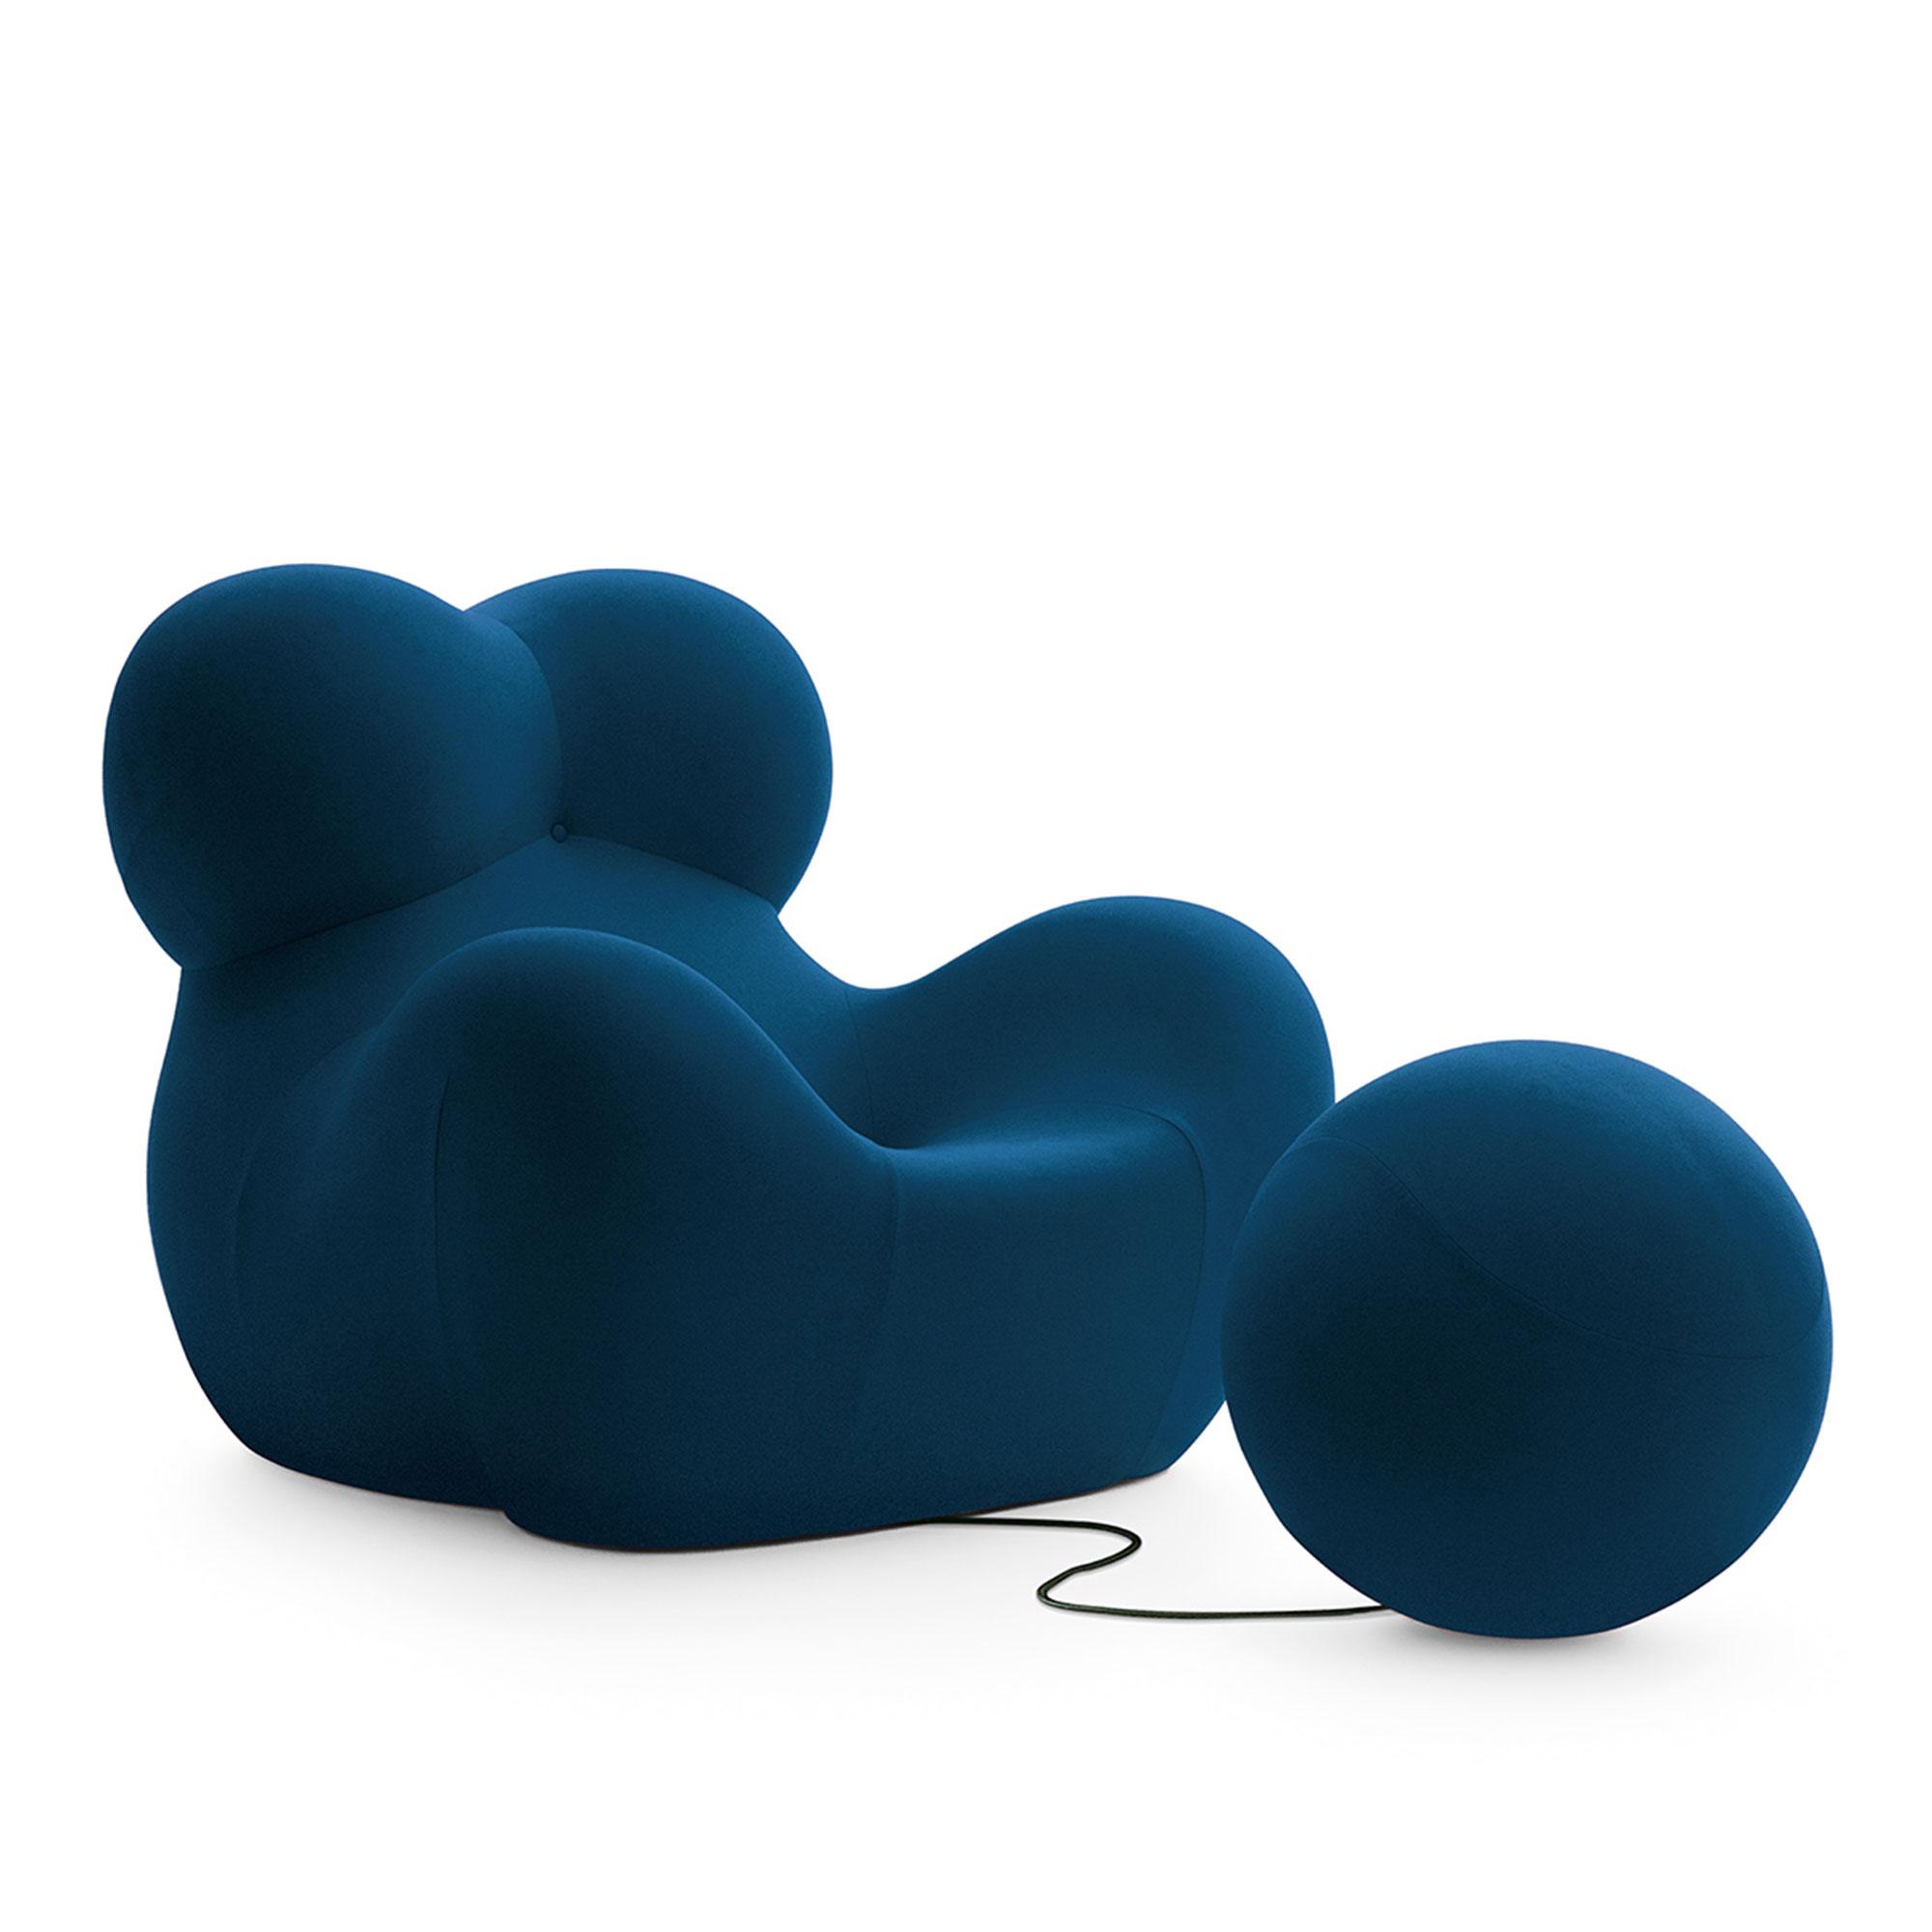 k p serie up 2000 up 5 6 fr n b b italia nordiska galleriet. Black Bedroom Furniture Sets. Home Design Ideas